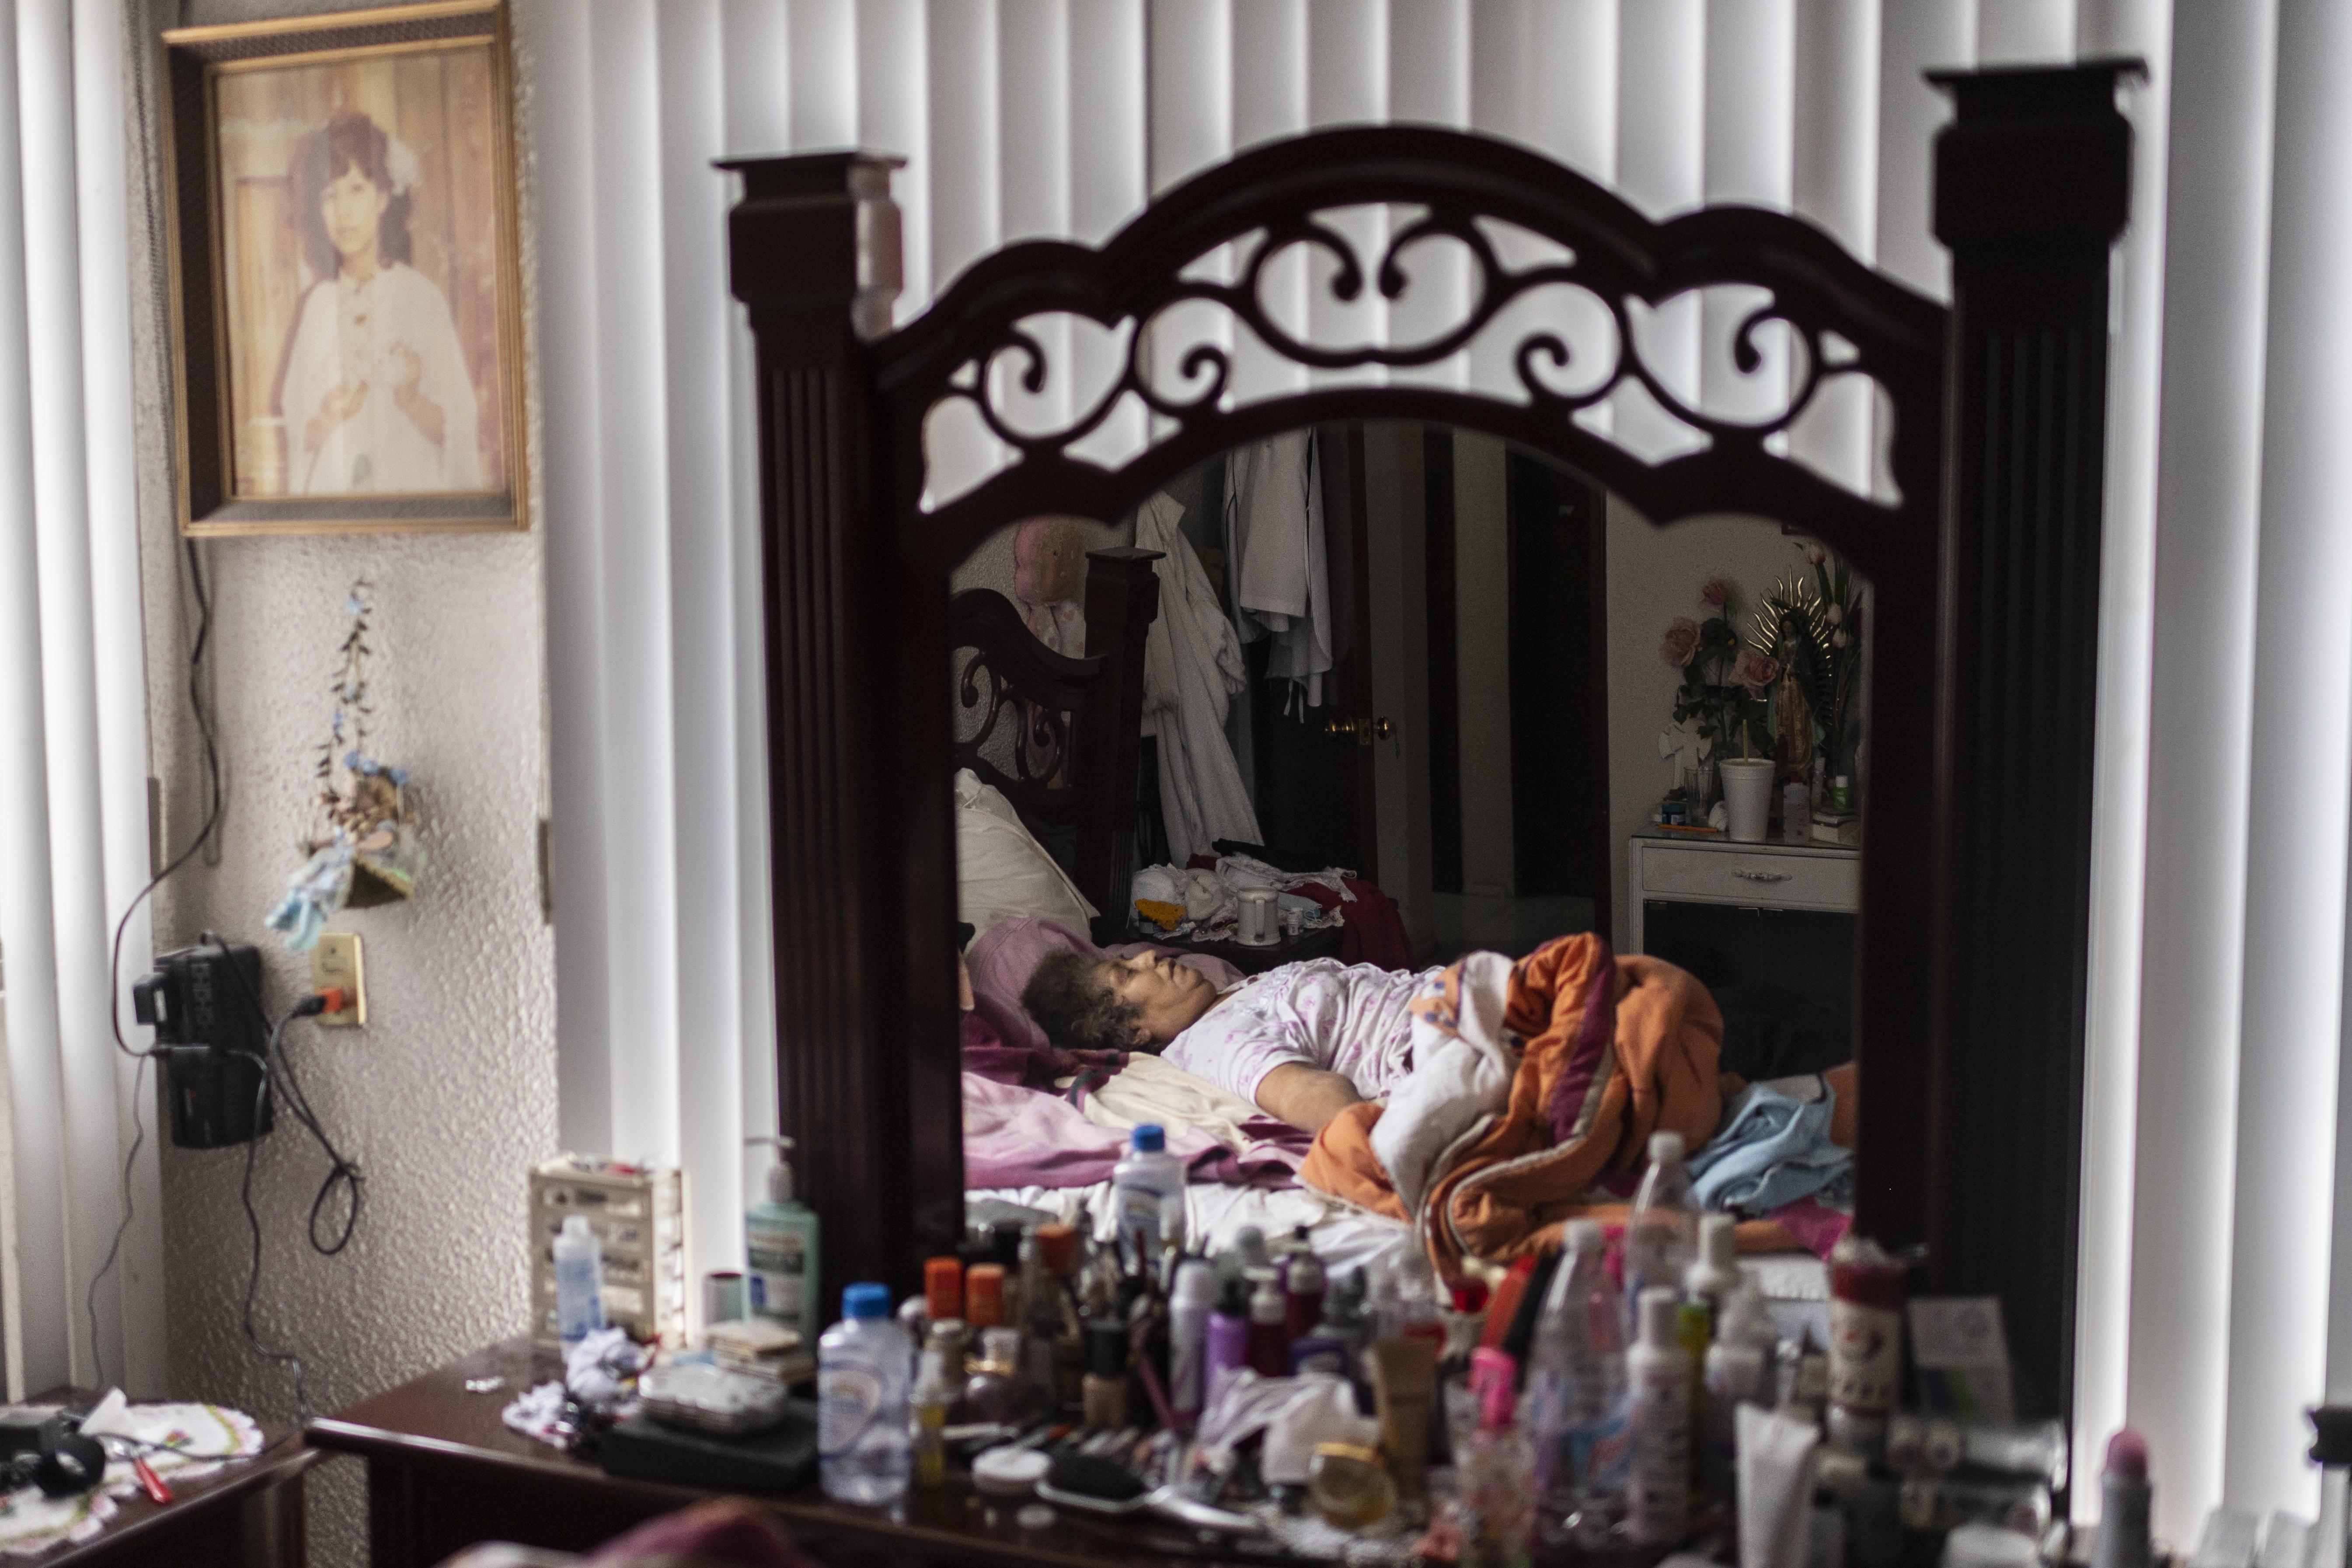 Una mujer que murió por complicaciones de enfermedades crónicas y mostró síntomas de COVID-19, yace en su cama en Ciudad Nezahualcóyotl, Estado de México, México, el 21 de junio de 2020 durante la nueva pandemia de coronavirus de COVID-19. (Foto por Pedro PARDO / AFP)